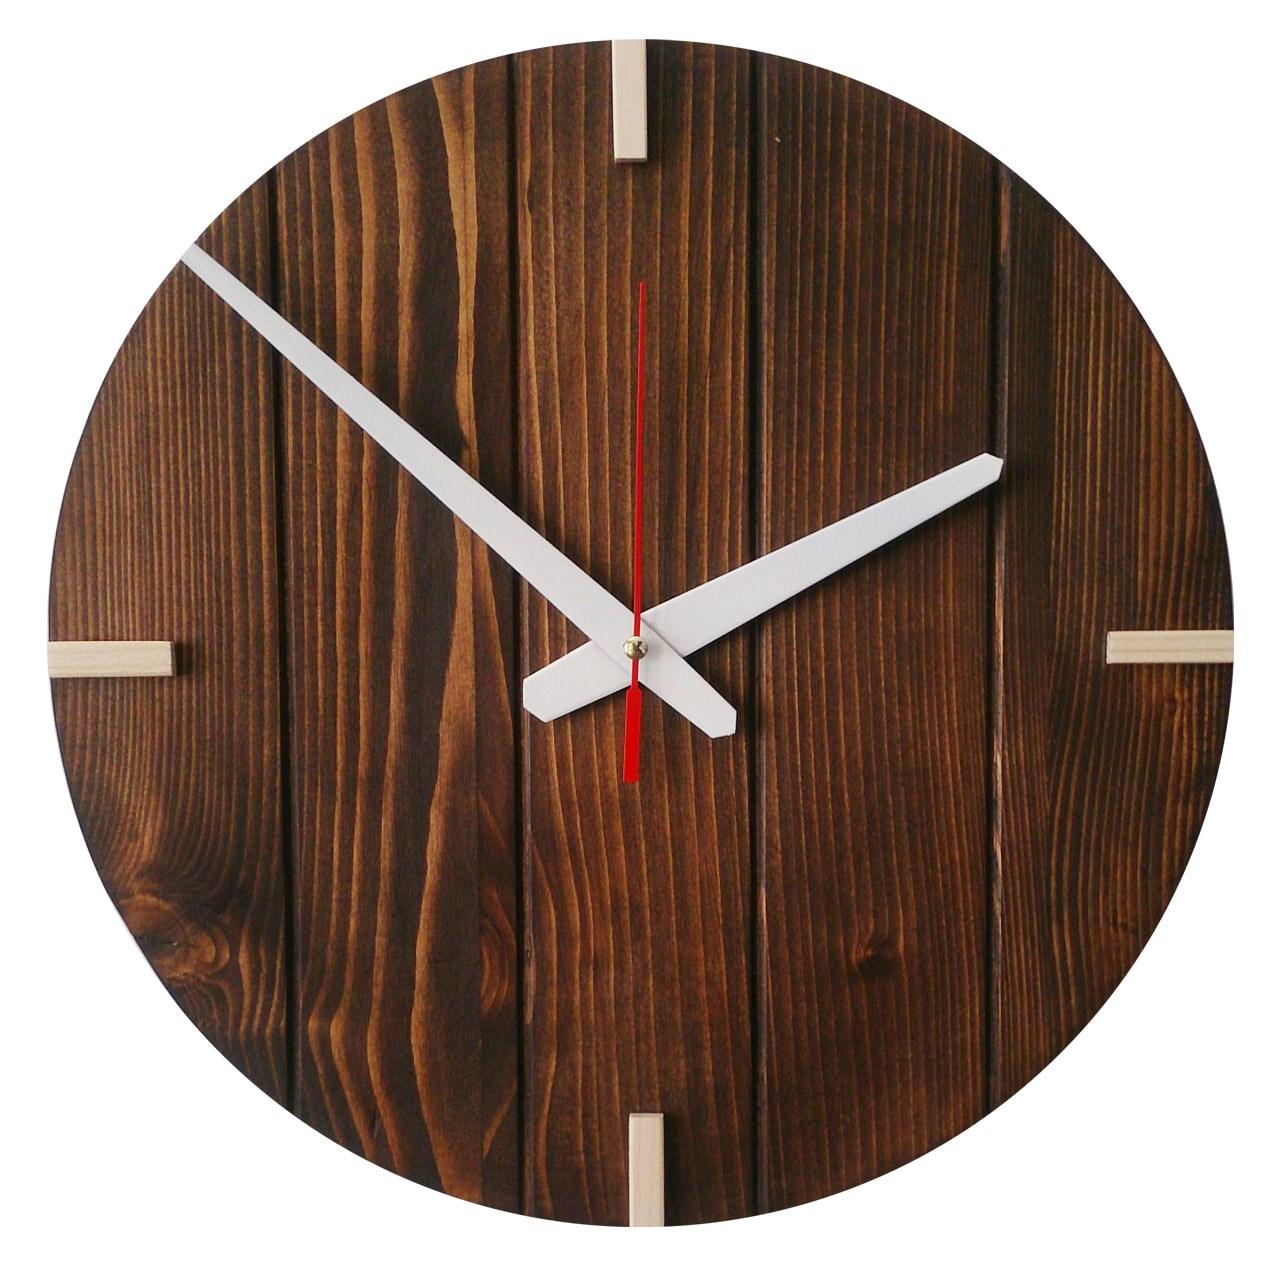 ساعت دیواری چوبی کد 04